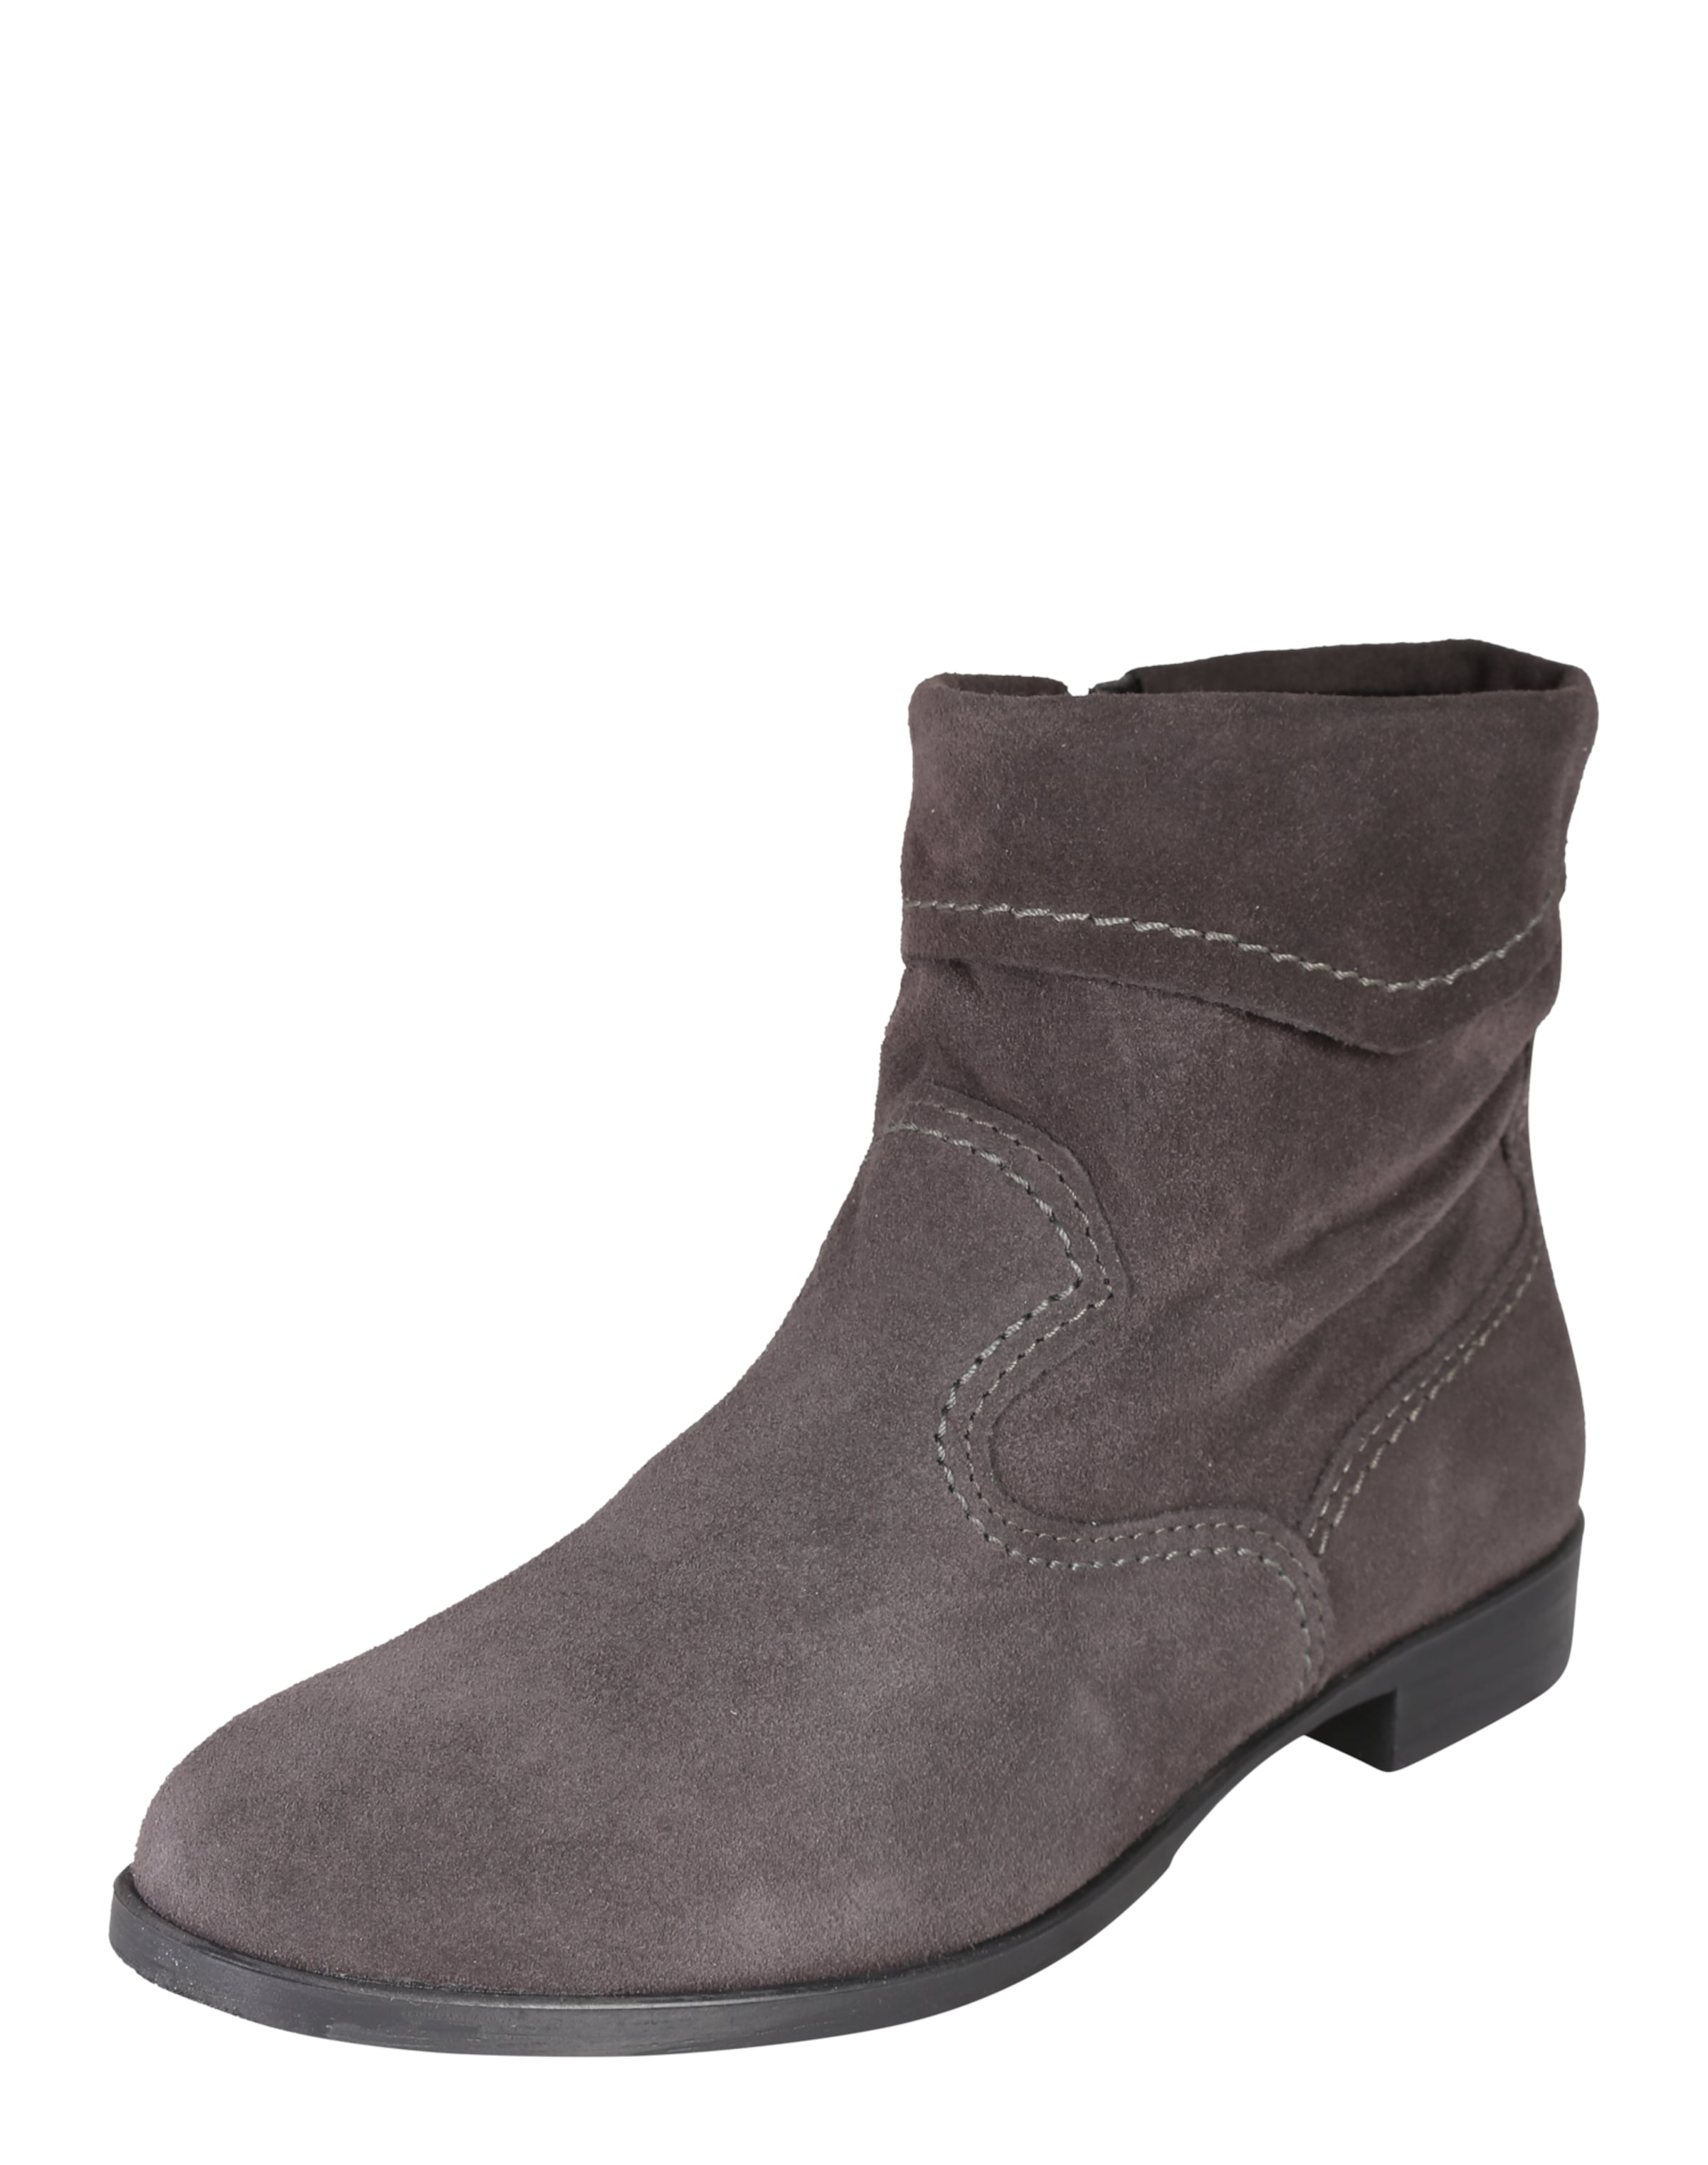 TAMARIS Stiefelette mit Ziernaht Verschleißfeste billige Schuhe